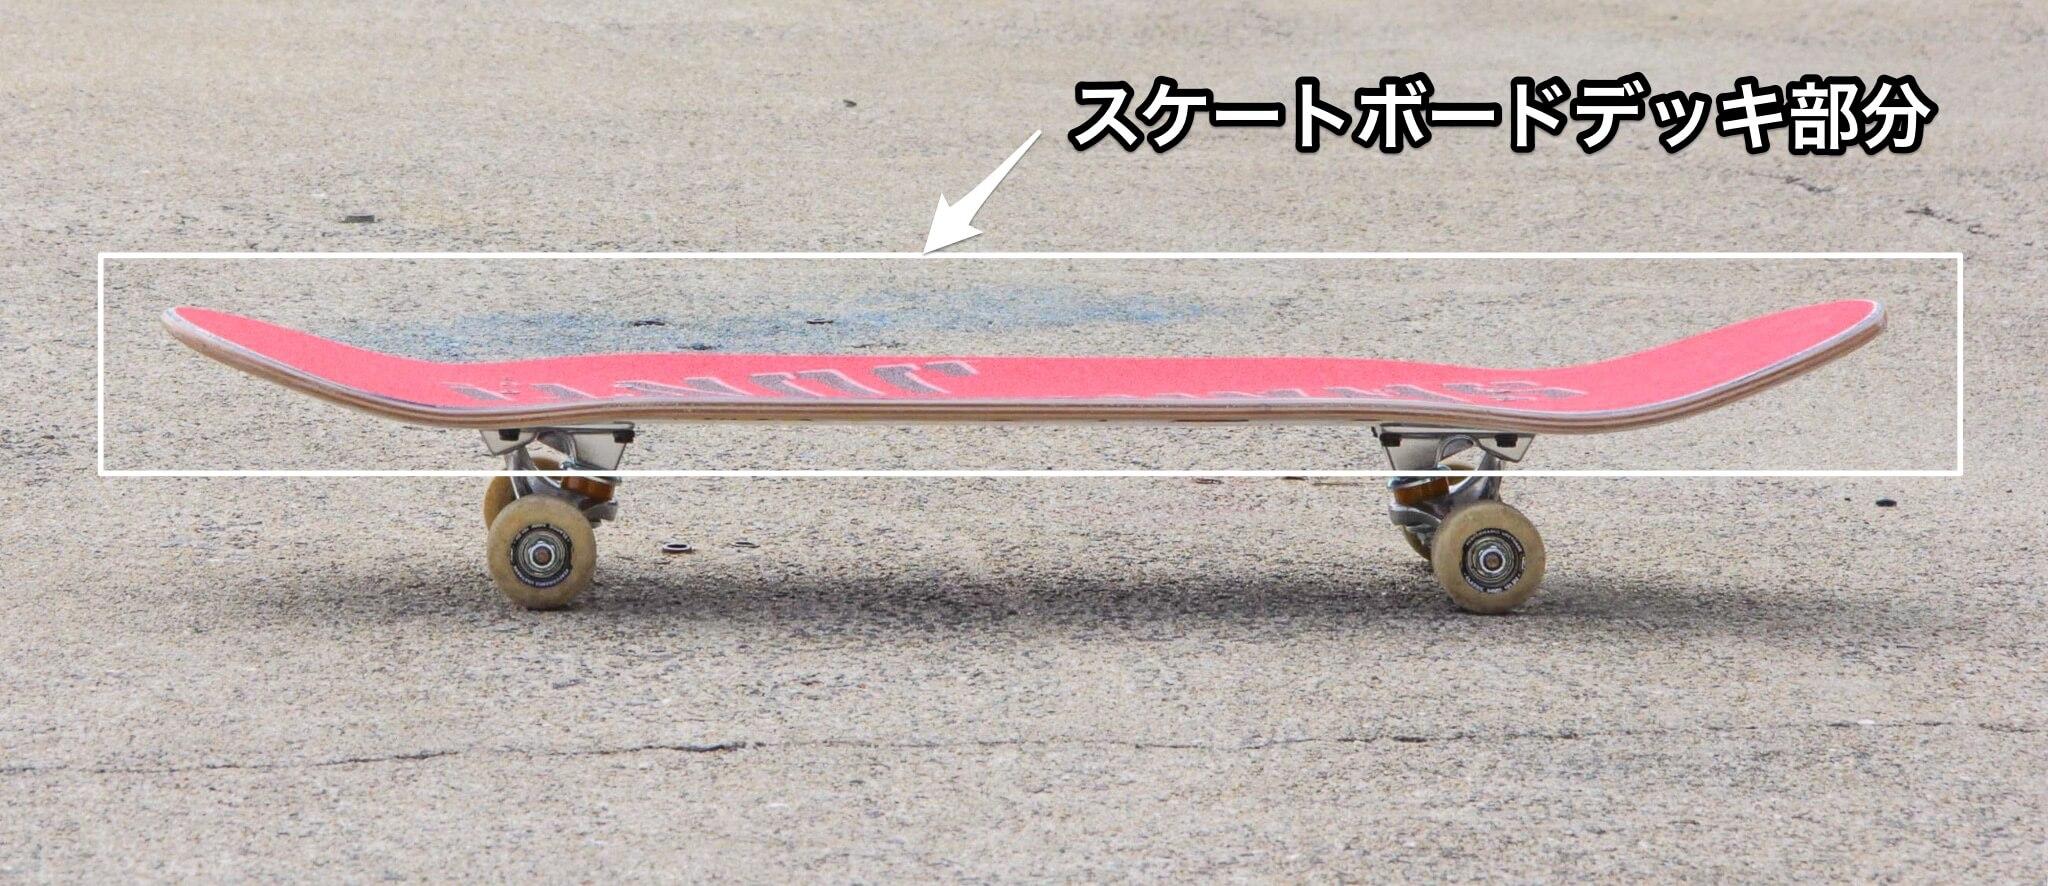 スケートボードのデッキ部分の写真